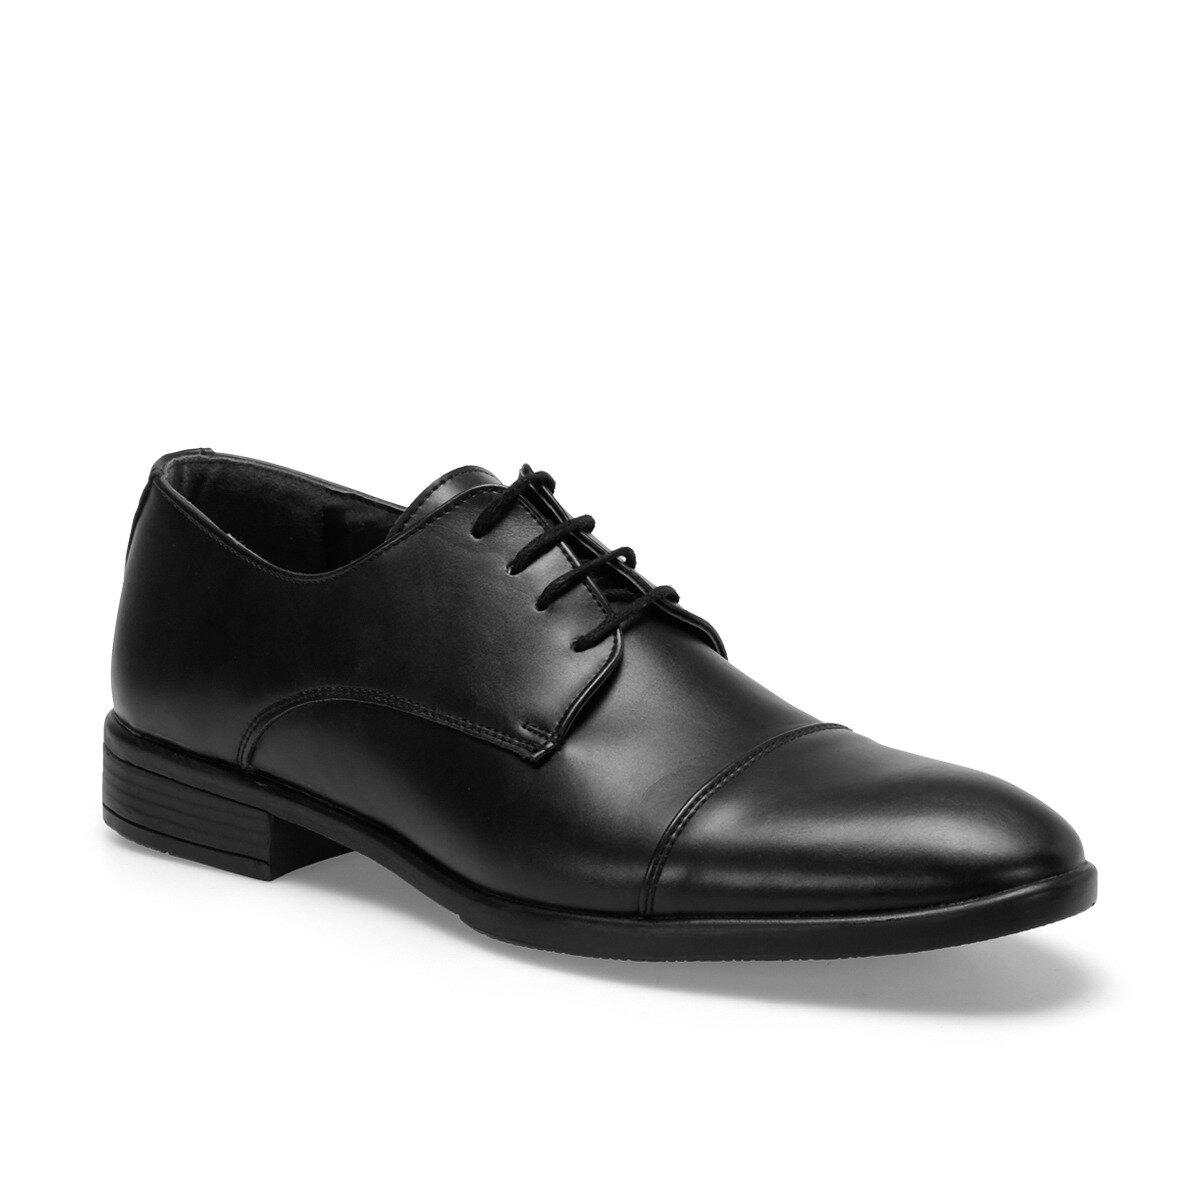 FLO 113 C Black Male Maskaret Shoes DOWN TOWN